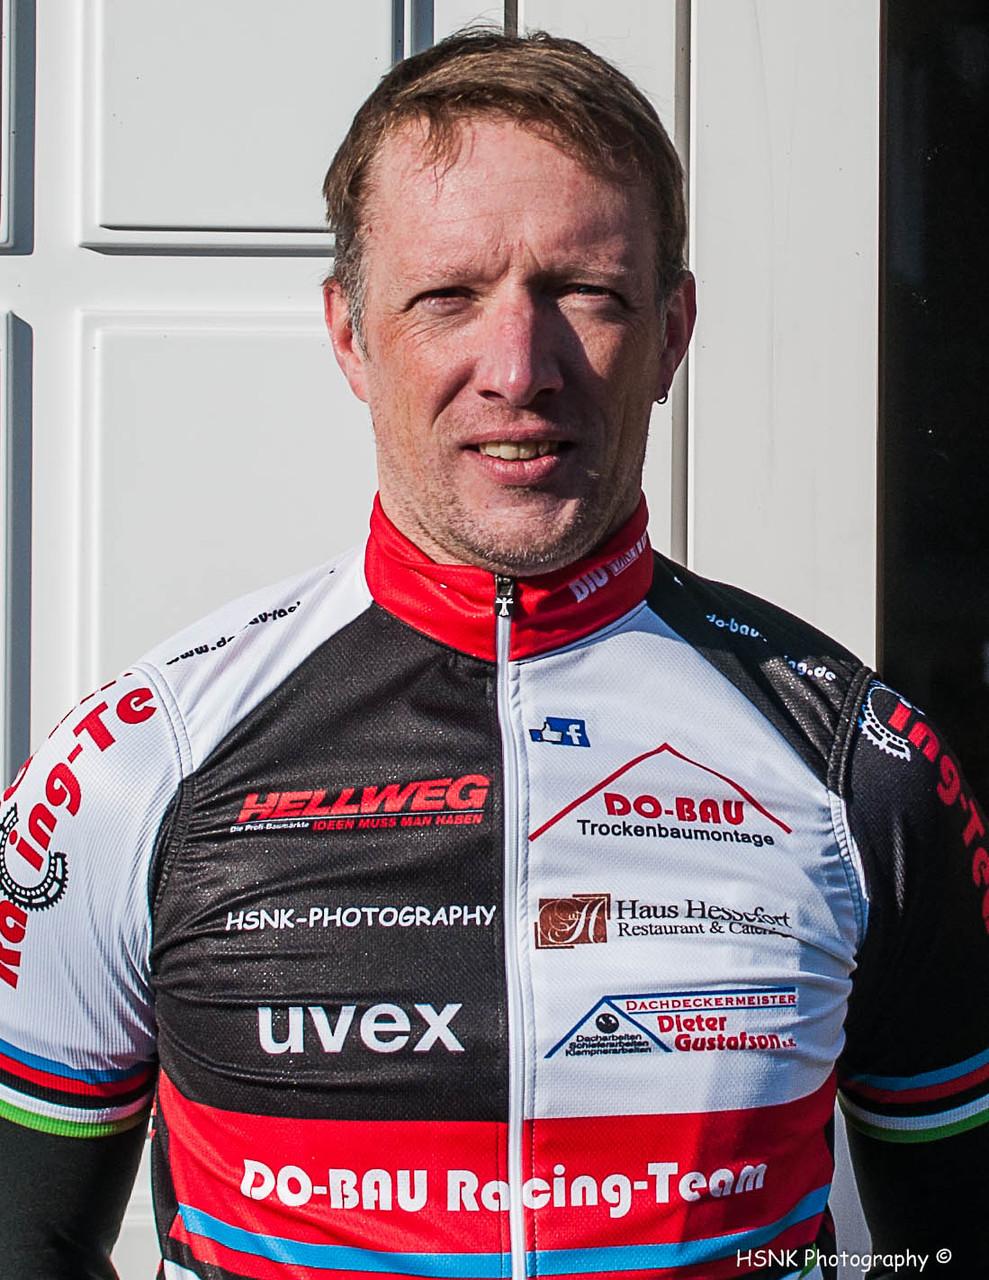 Christian Arndt